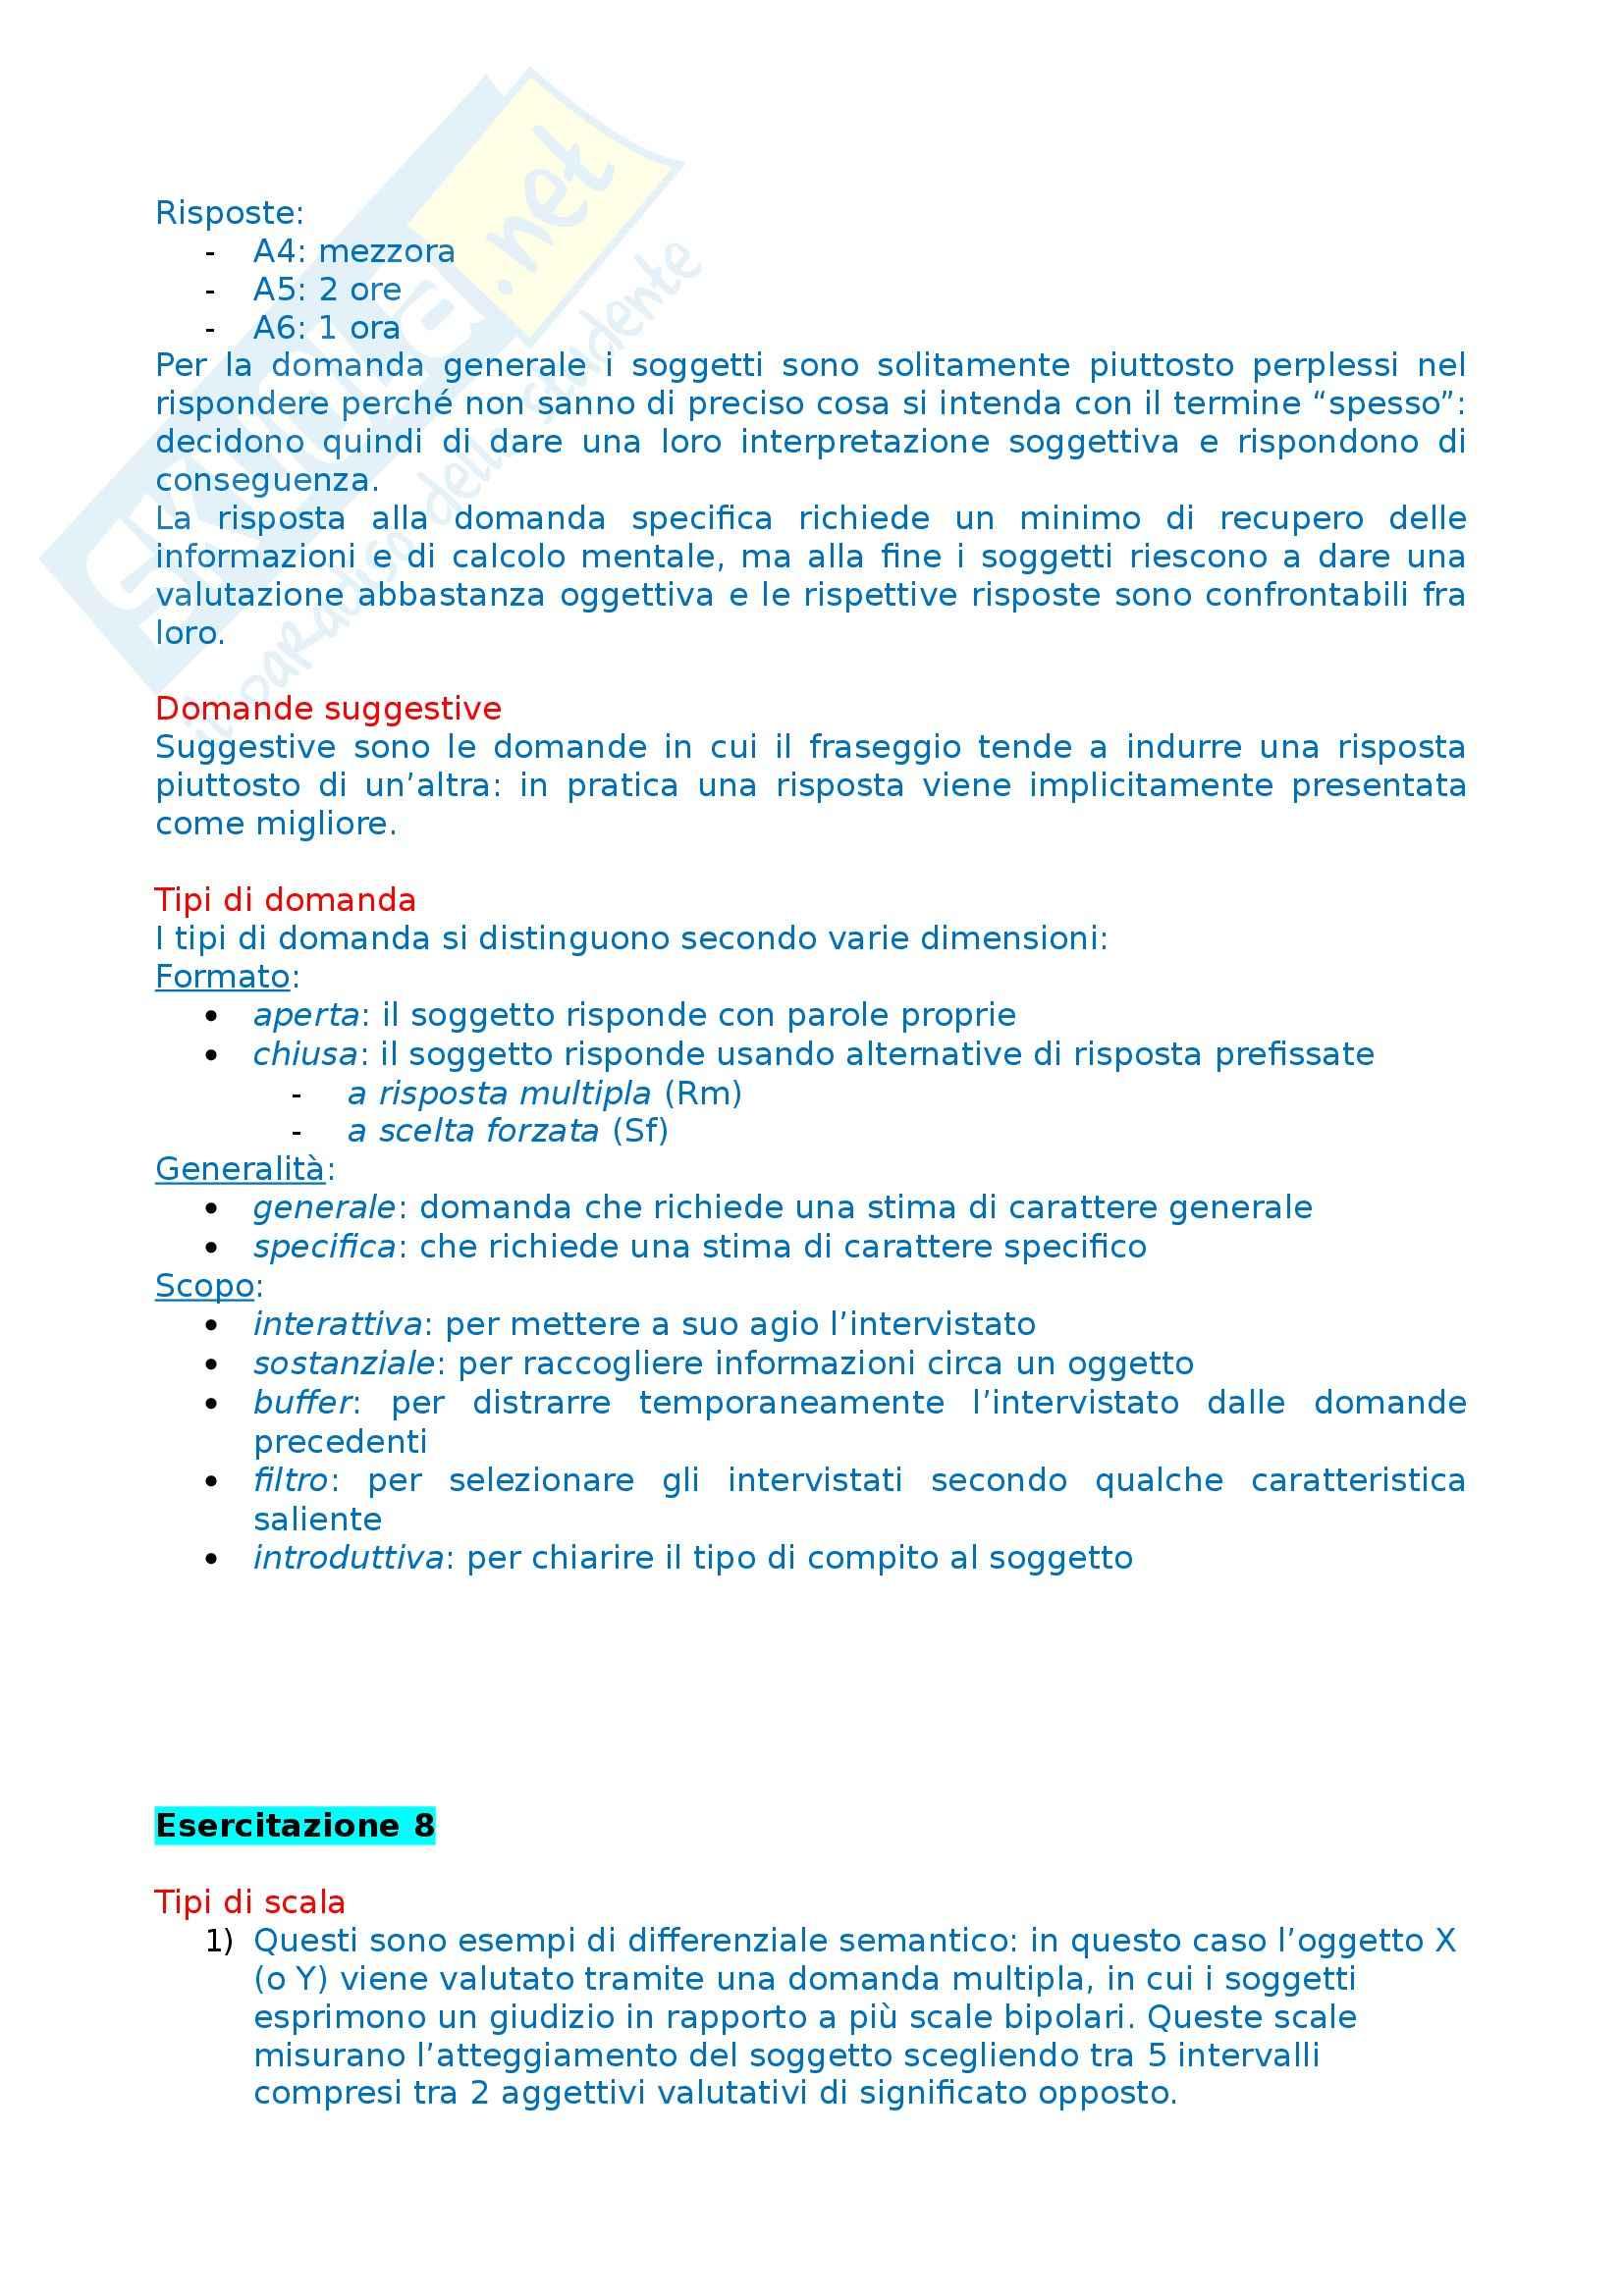 Tecniche dell'intervista e del questionario - Esercitazione Pag. 16